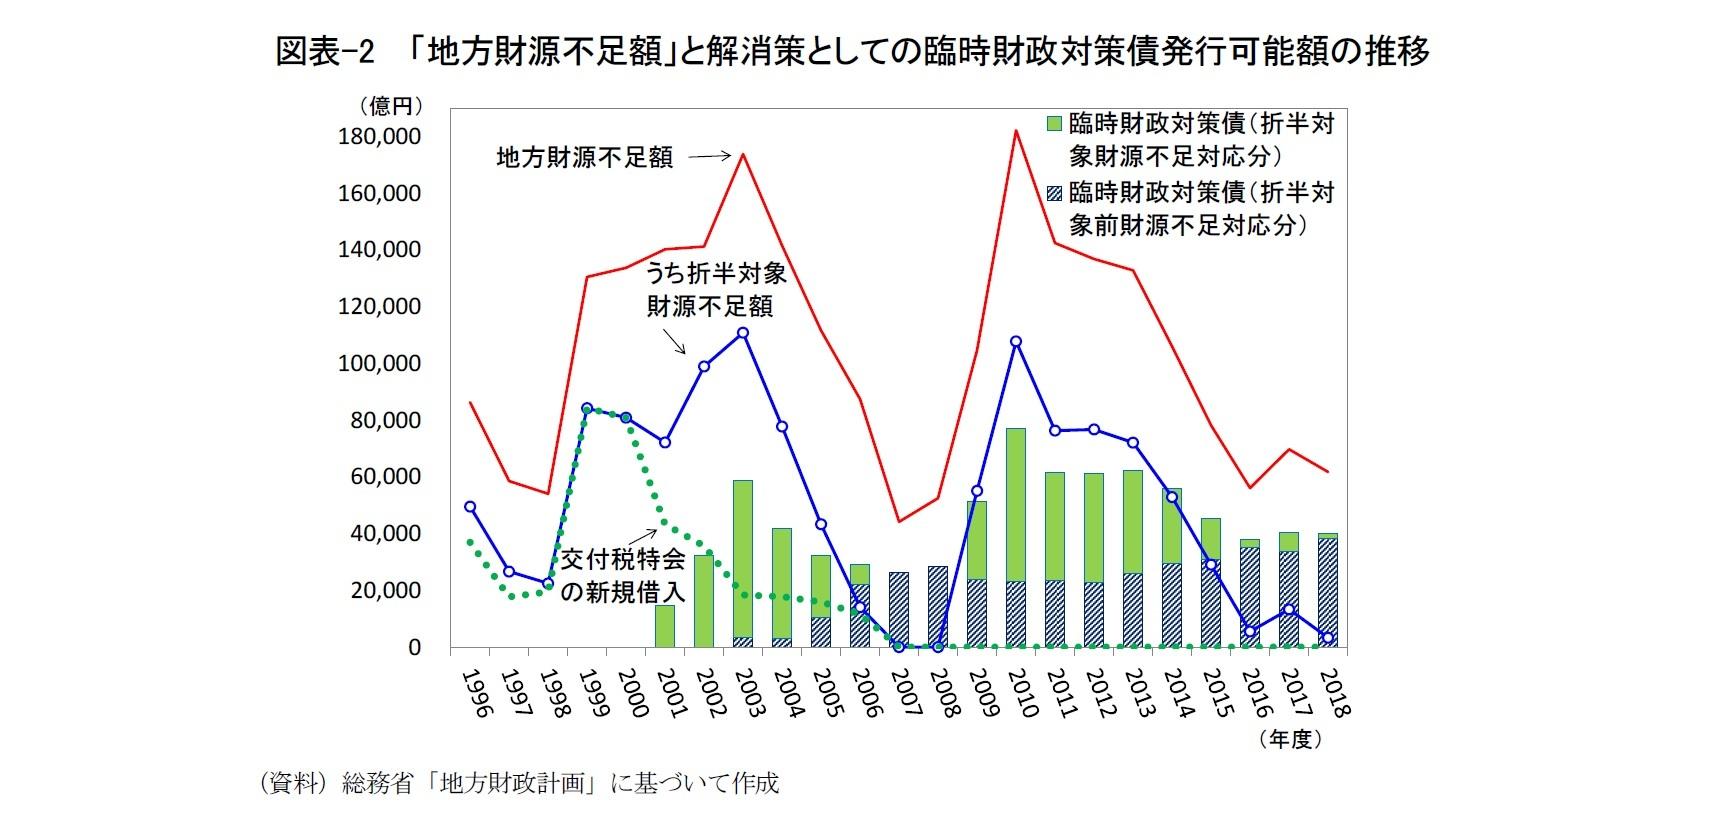 図表-2  「地方財源不足額」と解消策としての臨時財政対策債発行可能額の推移